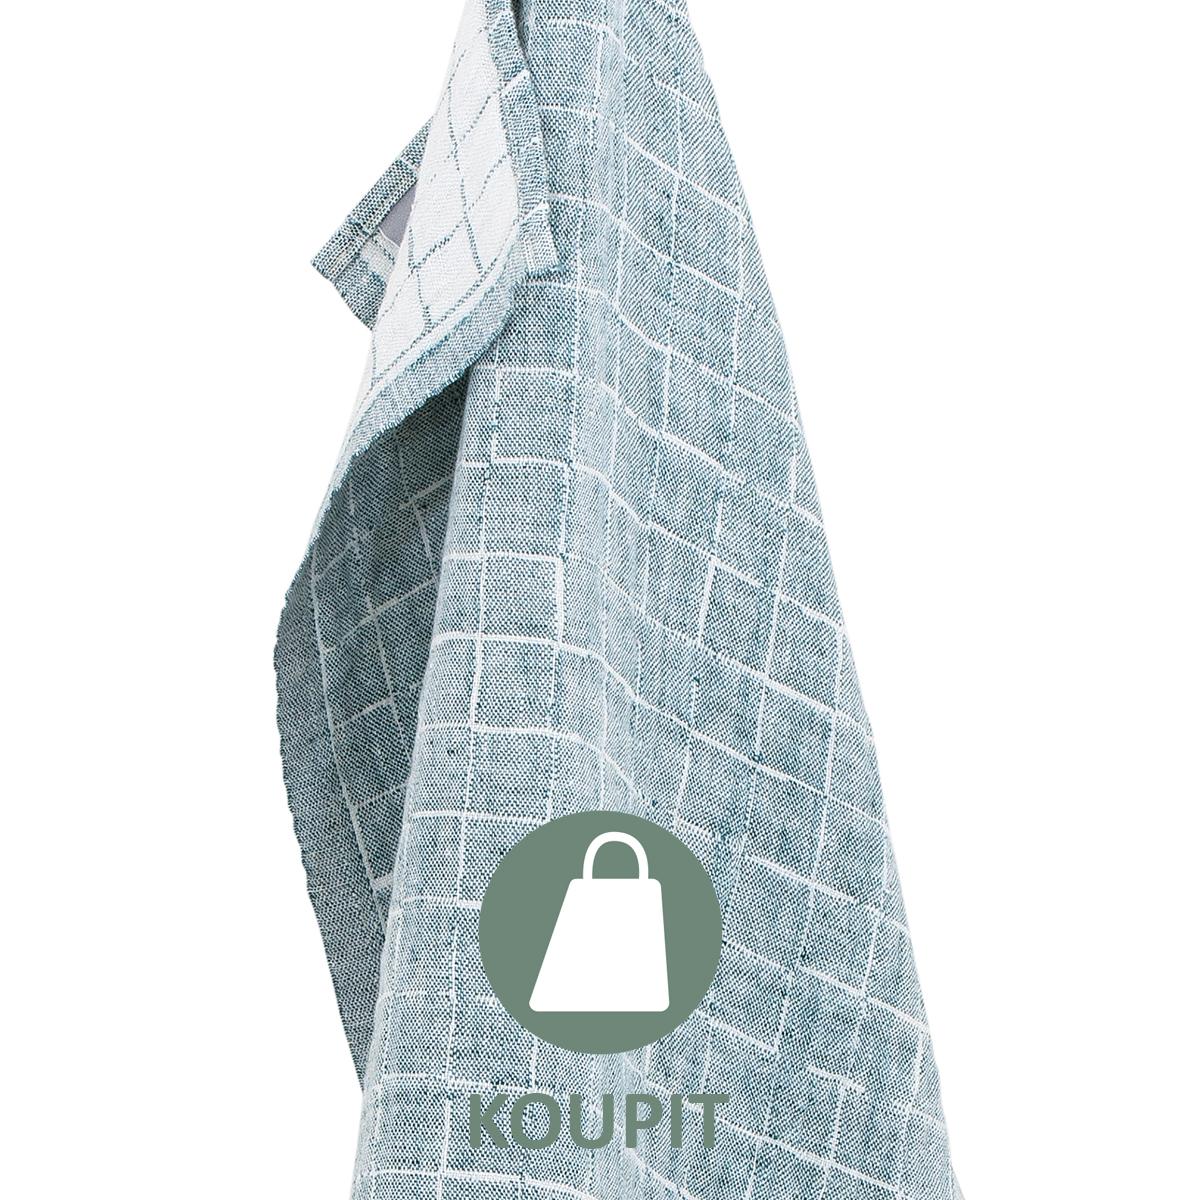 letni-textil-lapuan-kankurit-produkt6